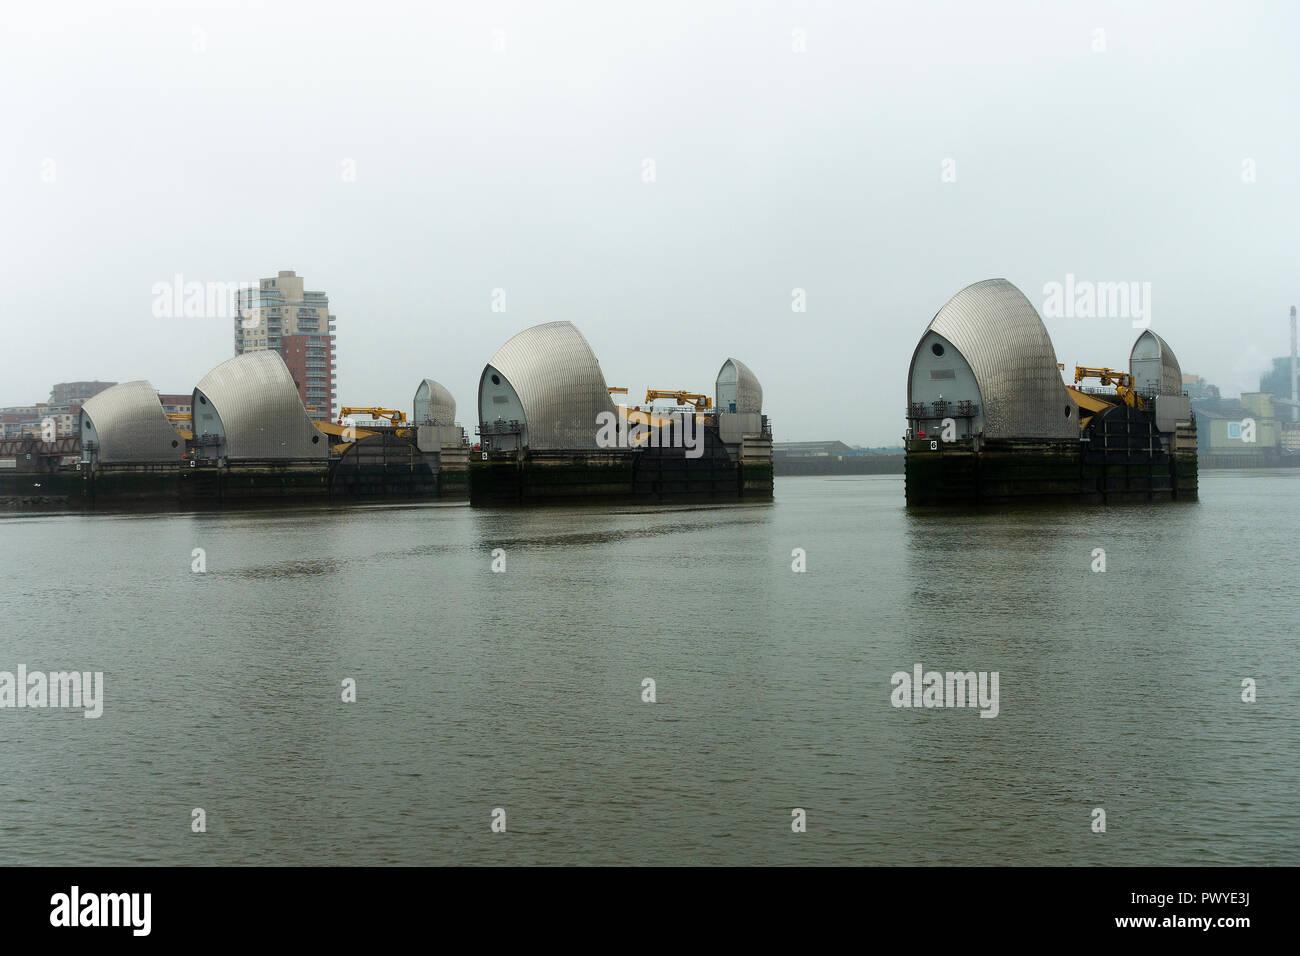 Die Thames Barrier Hochwasserschutz in der Themse in der Nähe von Greenwich und Silvertown Greater London England United Kingdom Stockbild